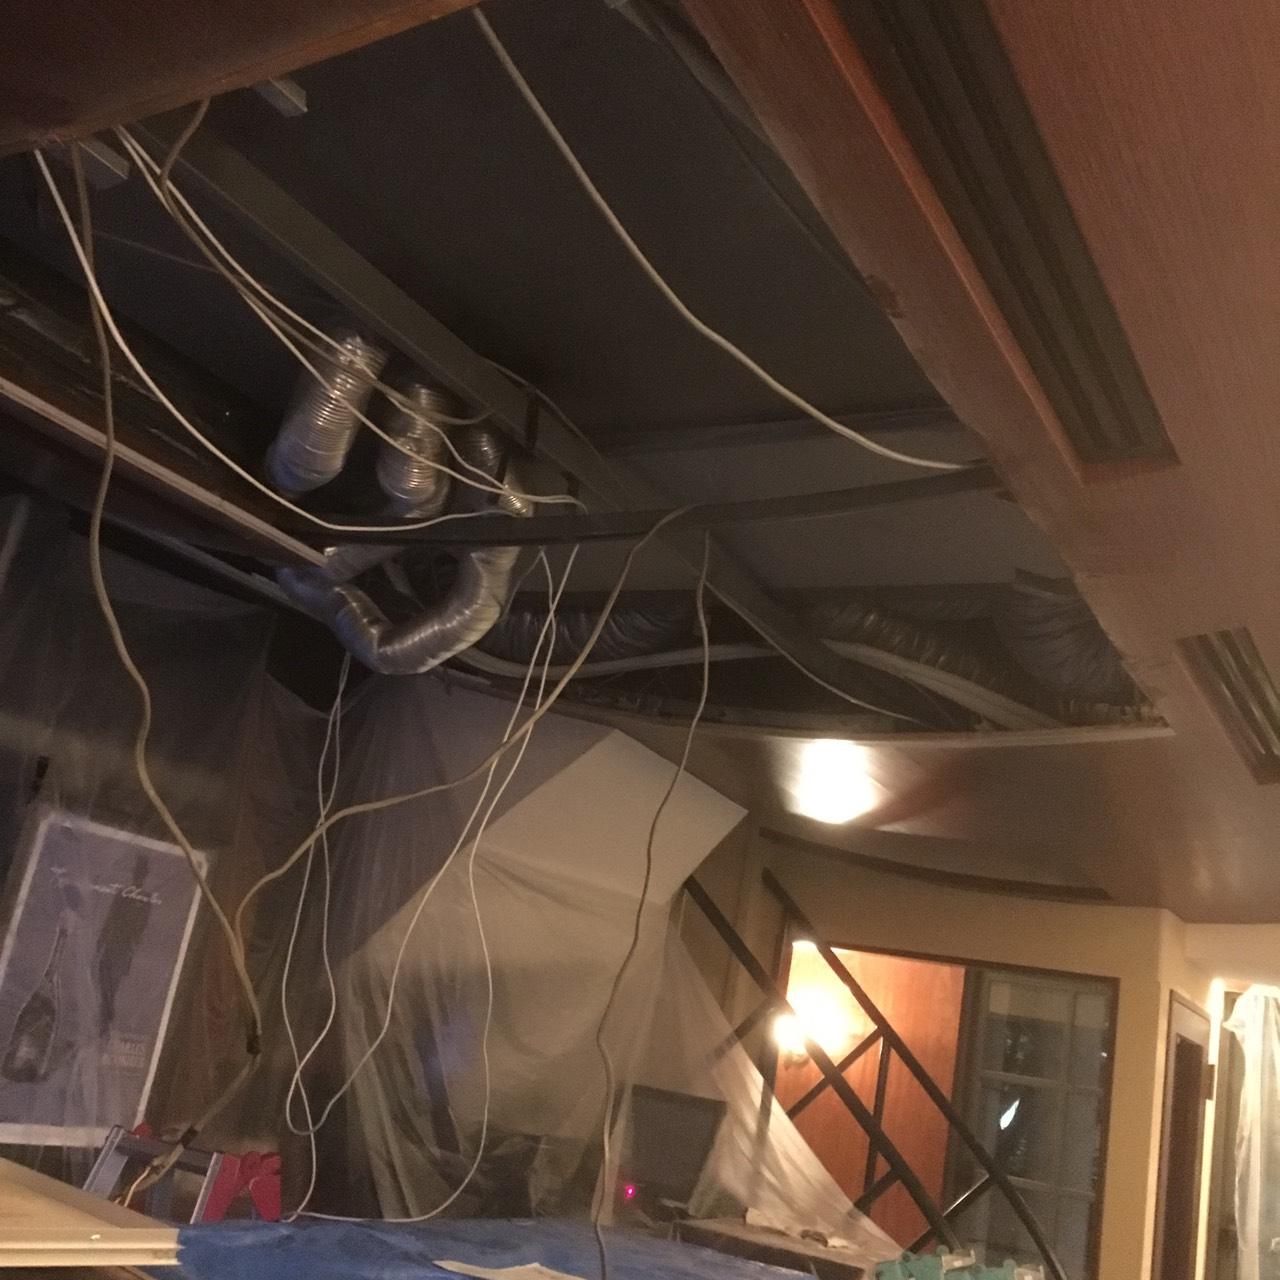 愛知県名古屋市の建築一般工事 リフォーム工事の株式会社松昇の市内店舗改造工事(軽鉄、ボード工事